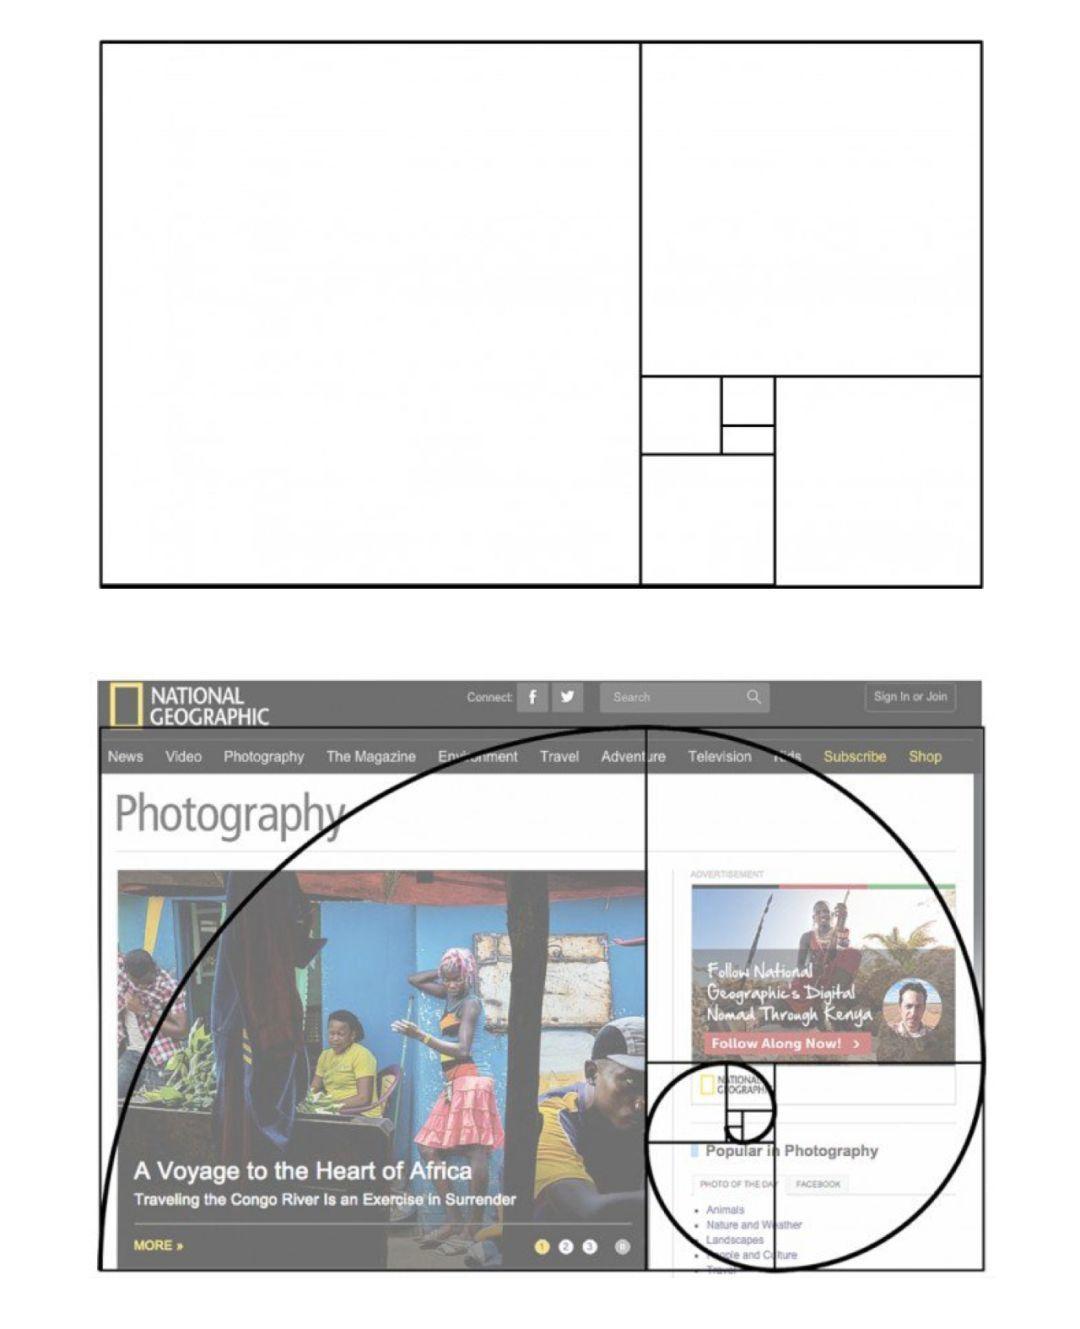 如何提升UI視覺設計能力?入門設計師必看